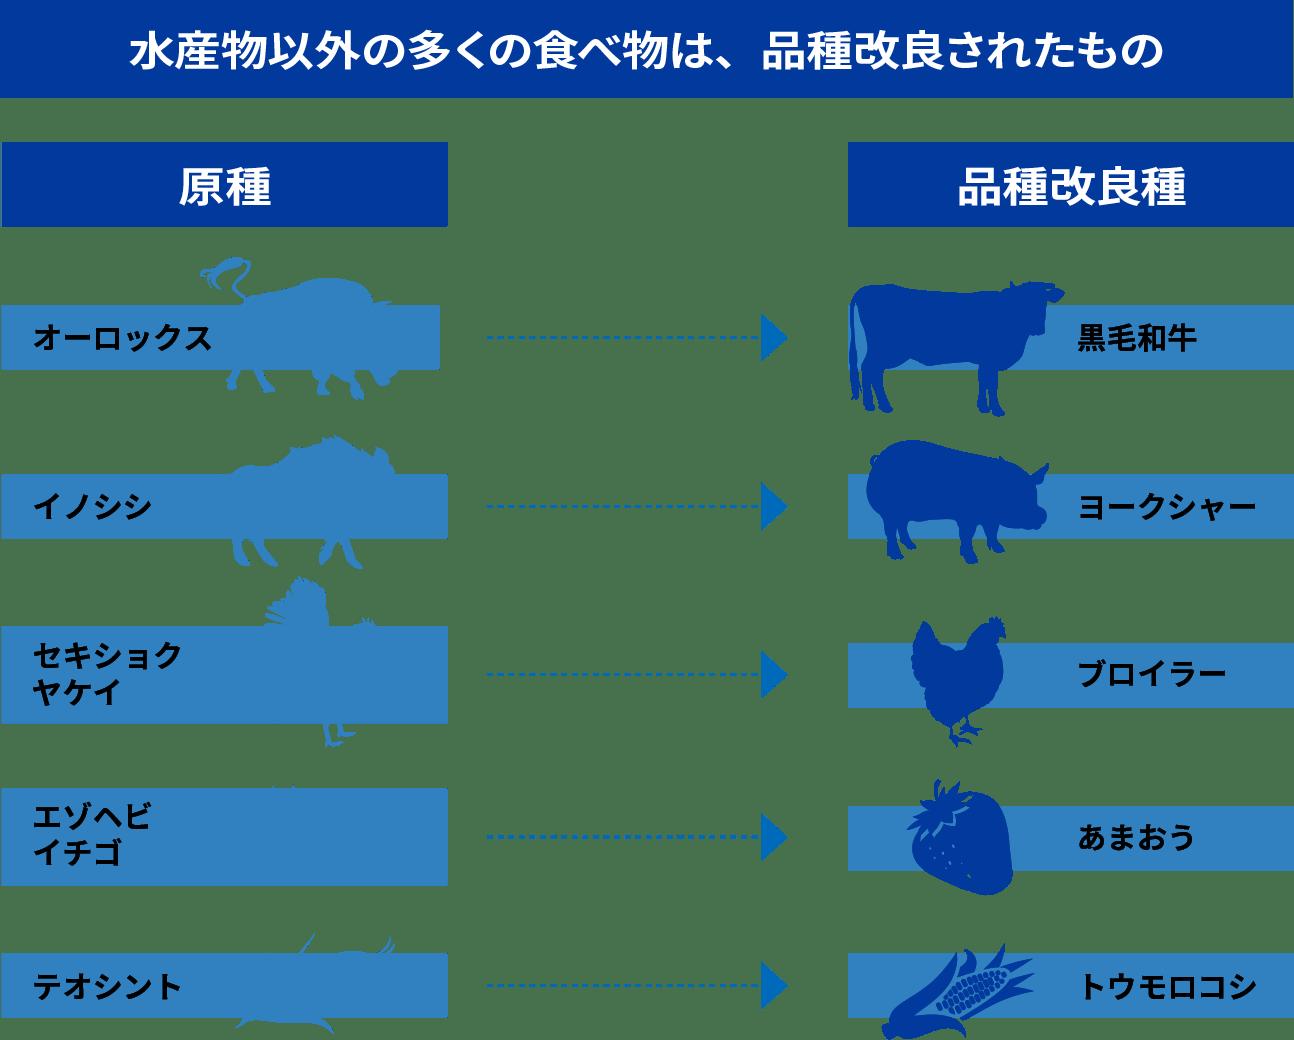 水産物以外の多くの食べ物は、品種改良されたもの